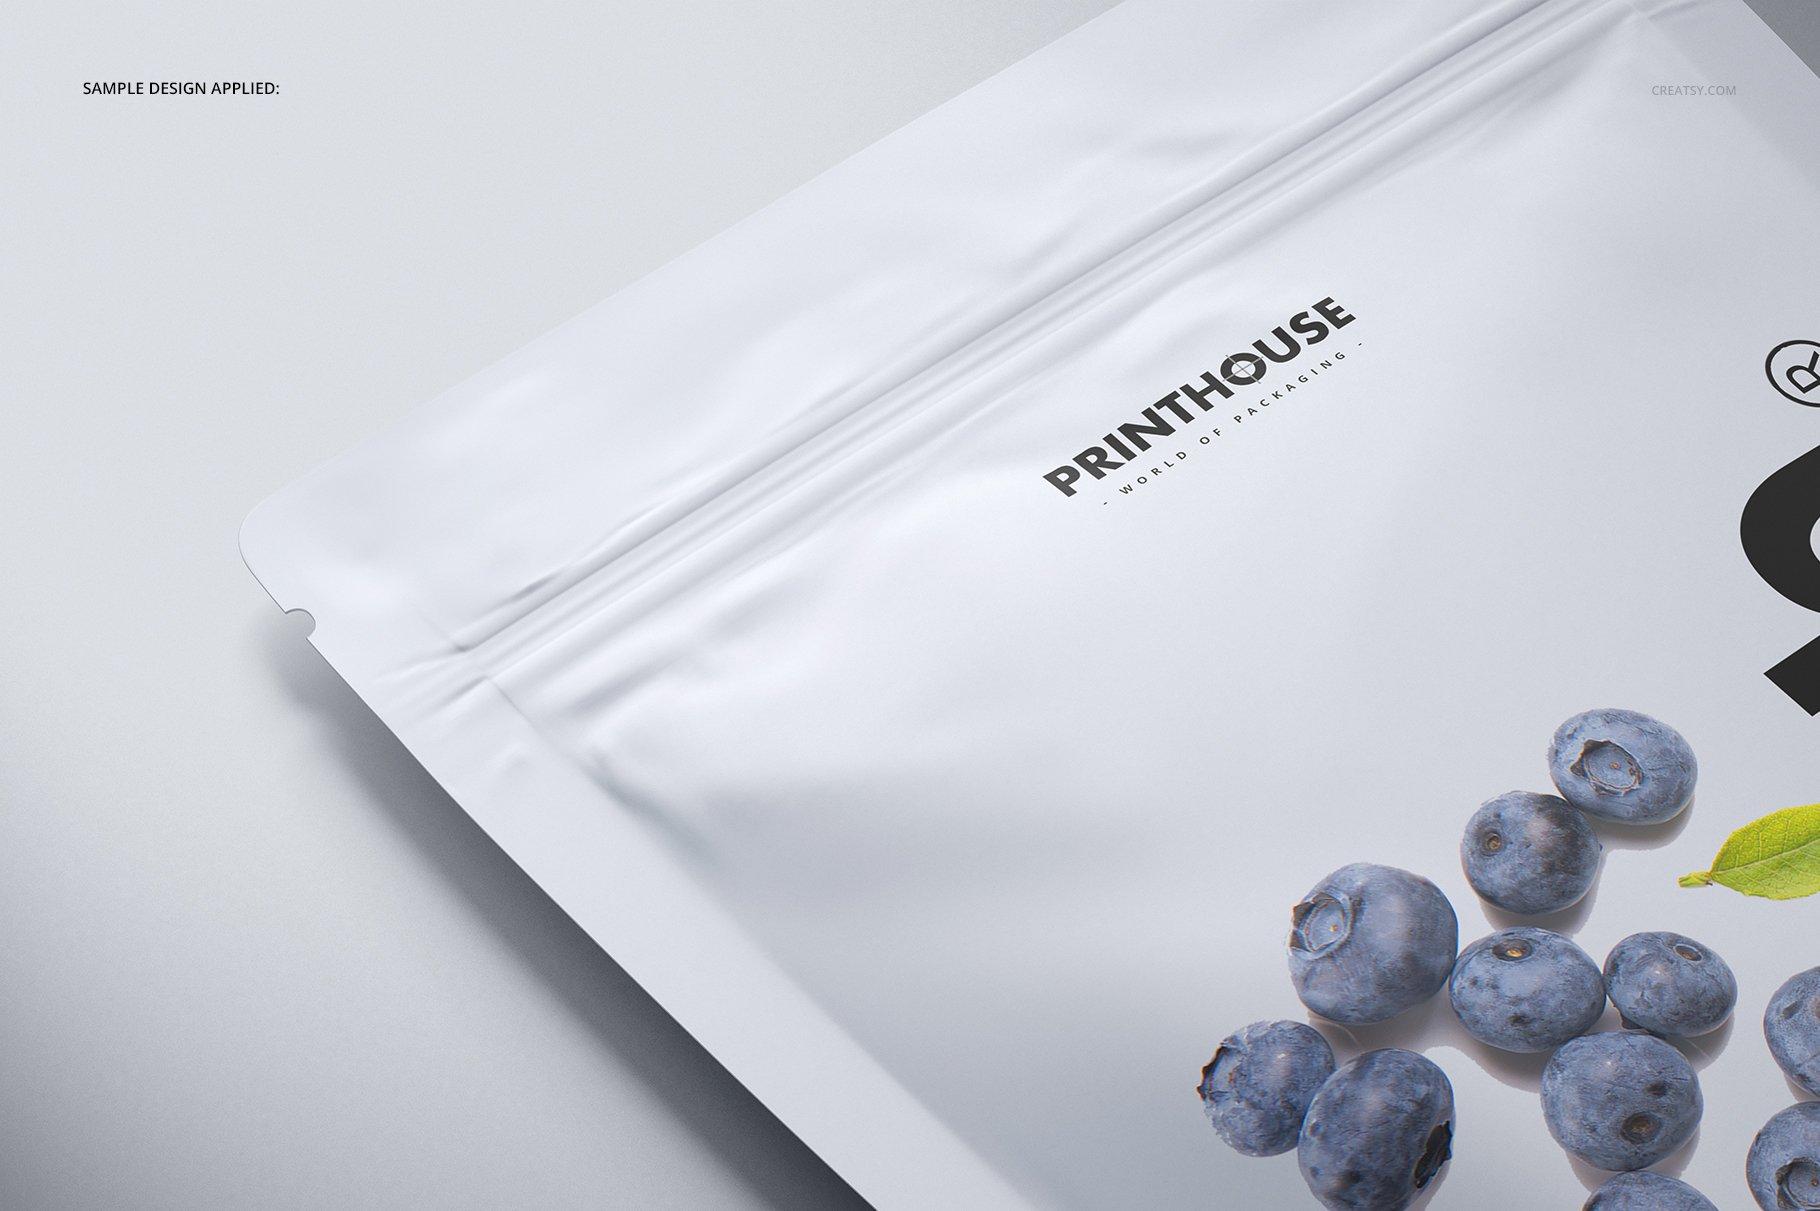 简约立式拉链锁食品自封袋塑料袋设计展示样机合集 Stand Up Pouch (mat) Mockup Set插图(7)